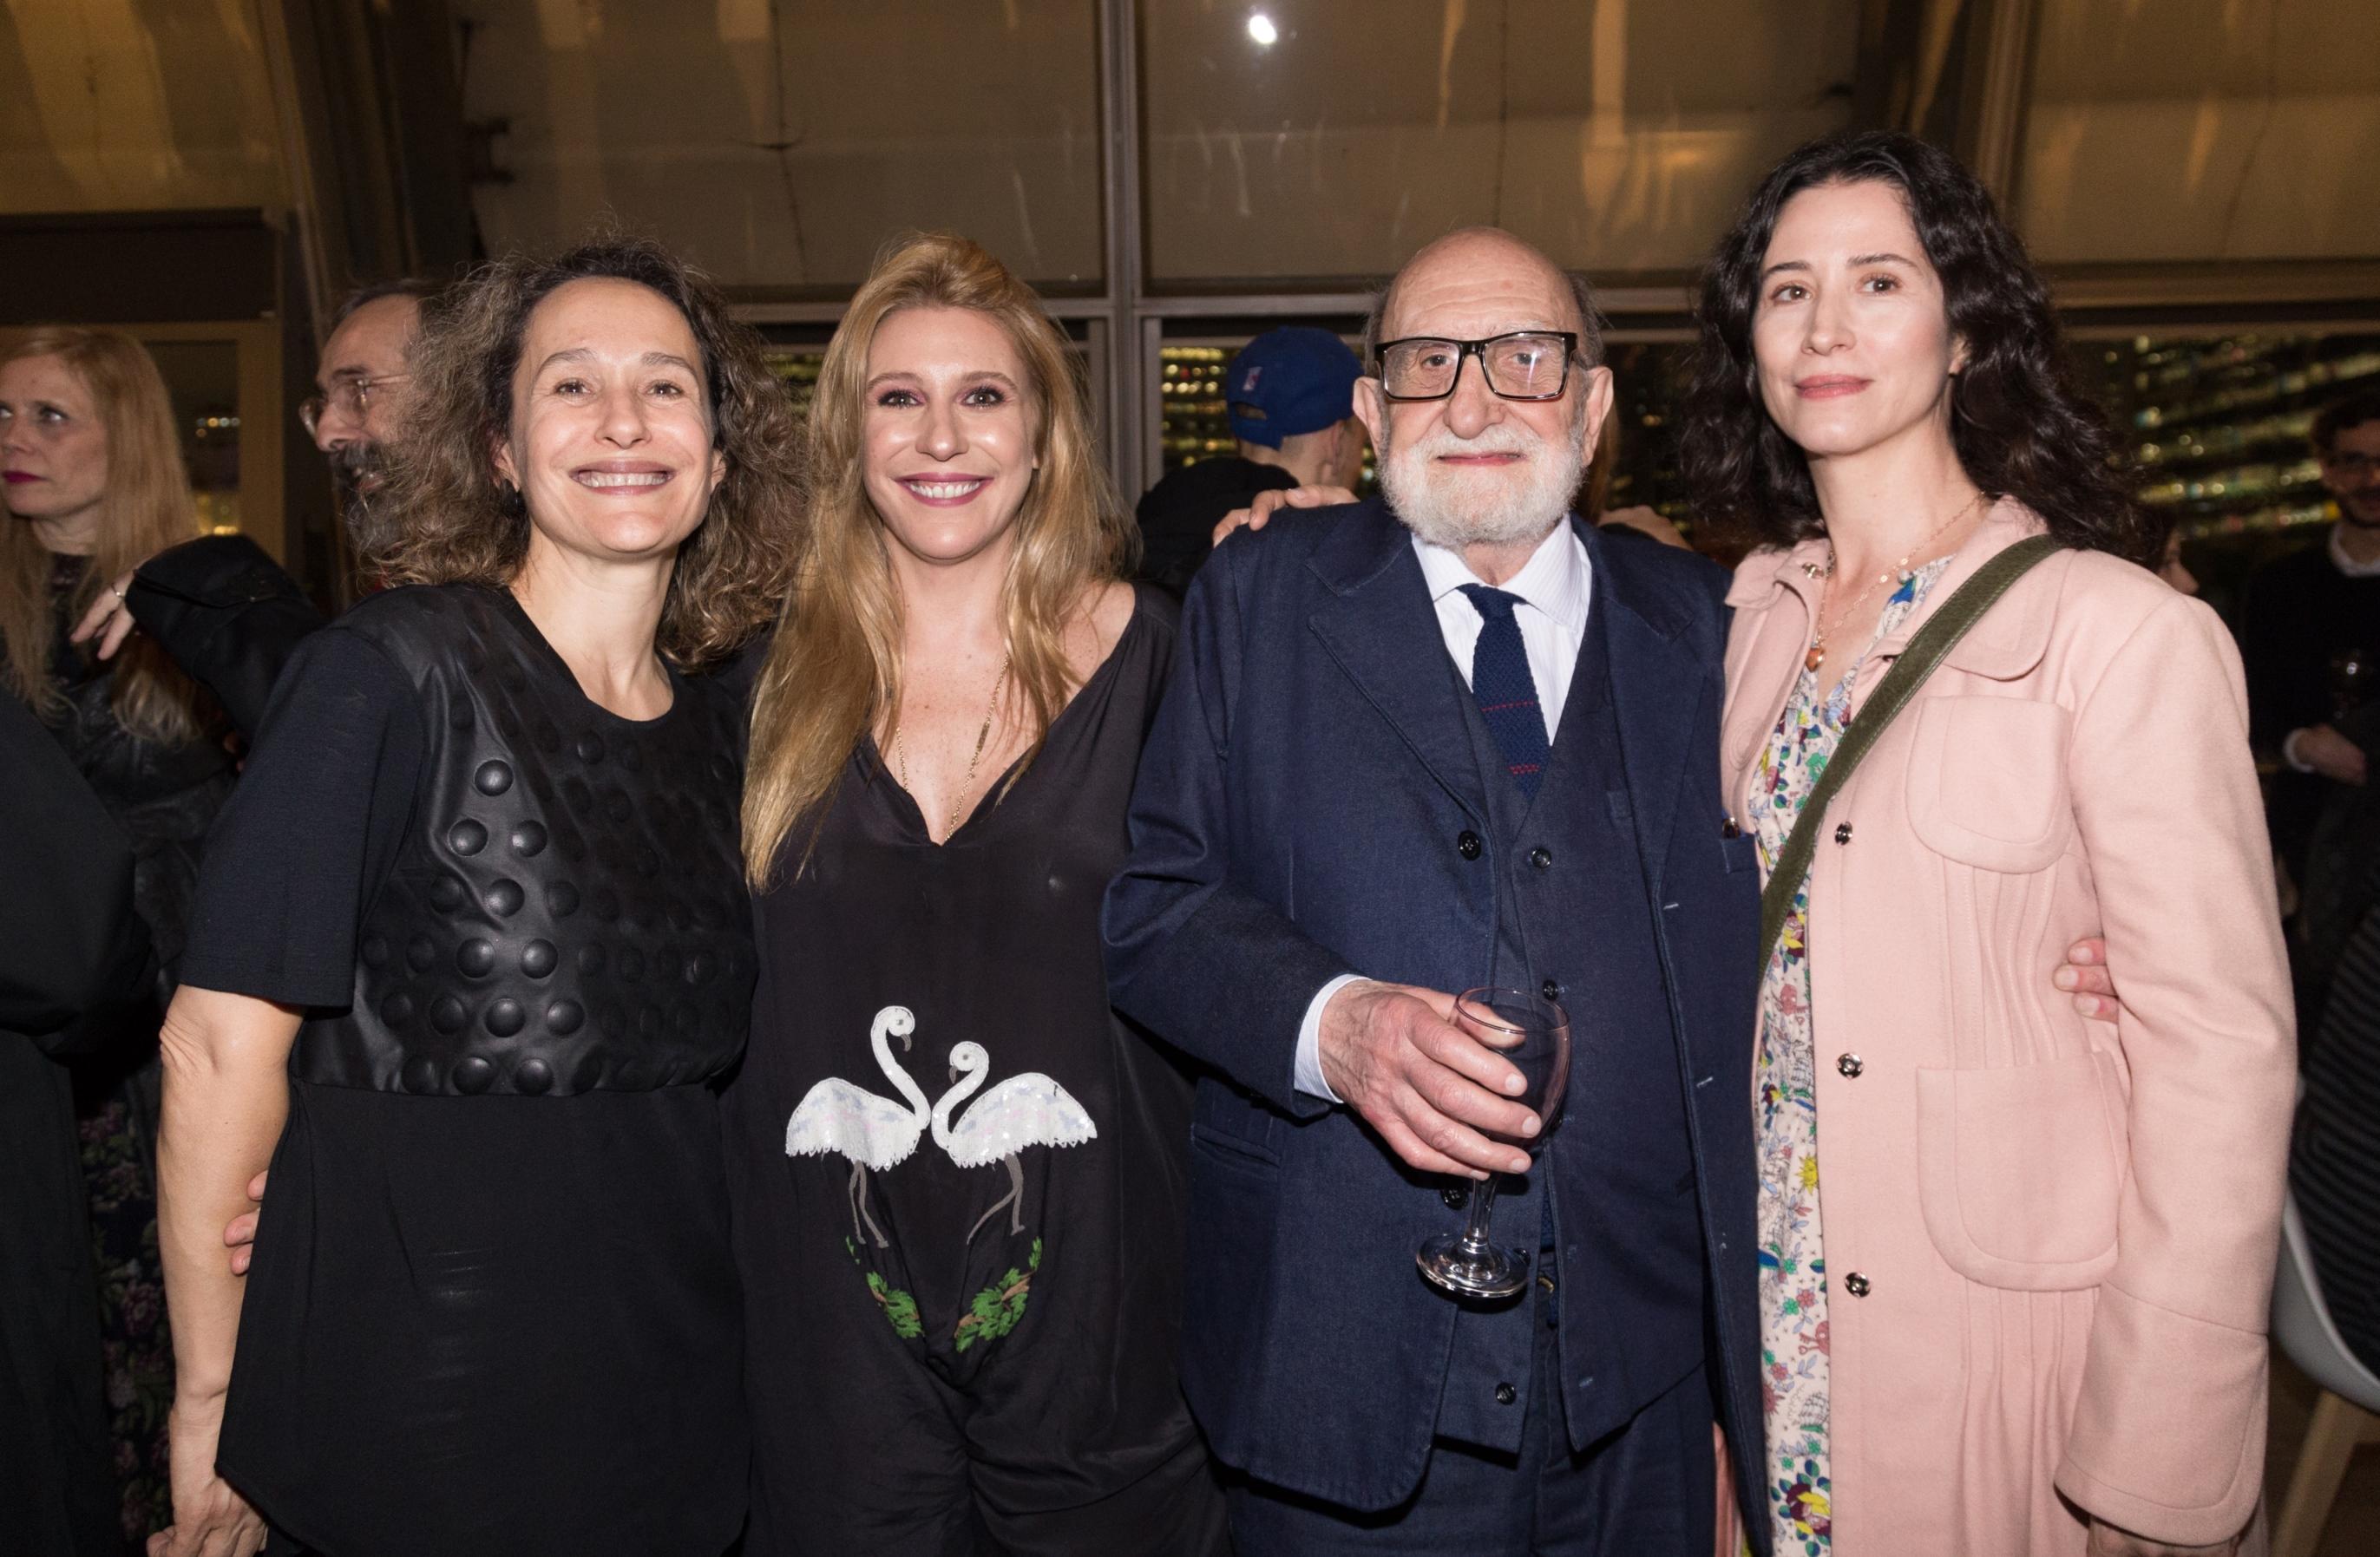 Amalia Amoedo, presidente del Consejo de Administración de arteBA, junto a la curadora Florencia Battiti; el artista plástico Yuyo Noé y Tristana Macció, hija de Rómulo Macció (fallecido en 2016), durante la inauguración de la muestra